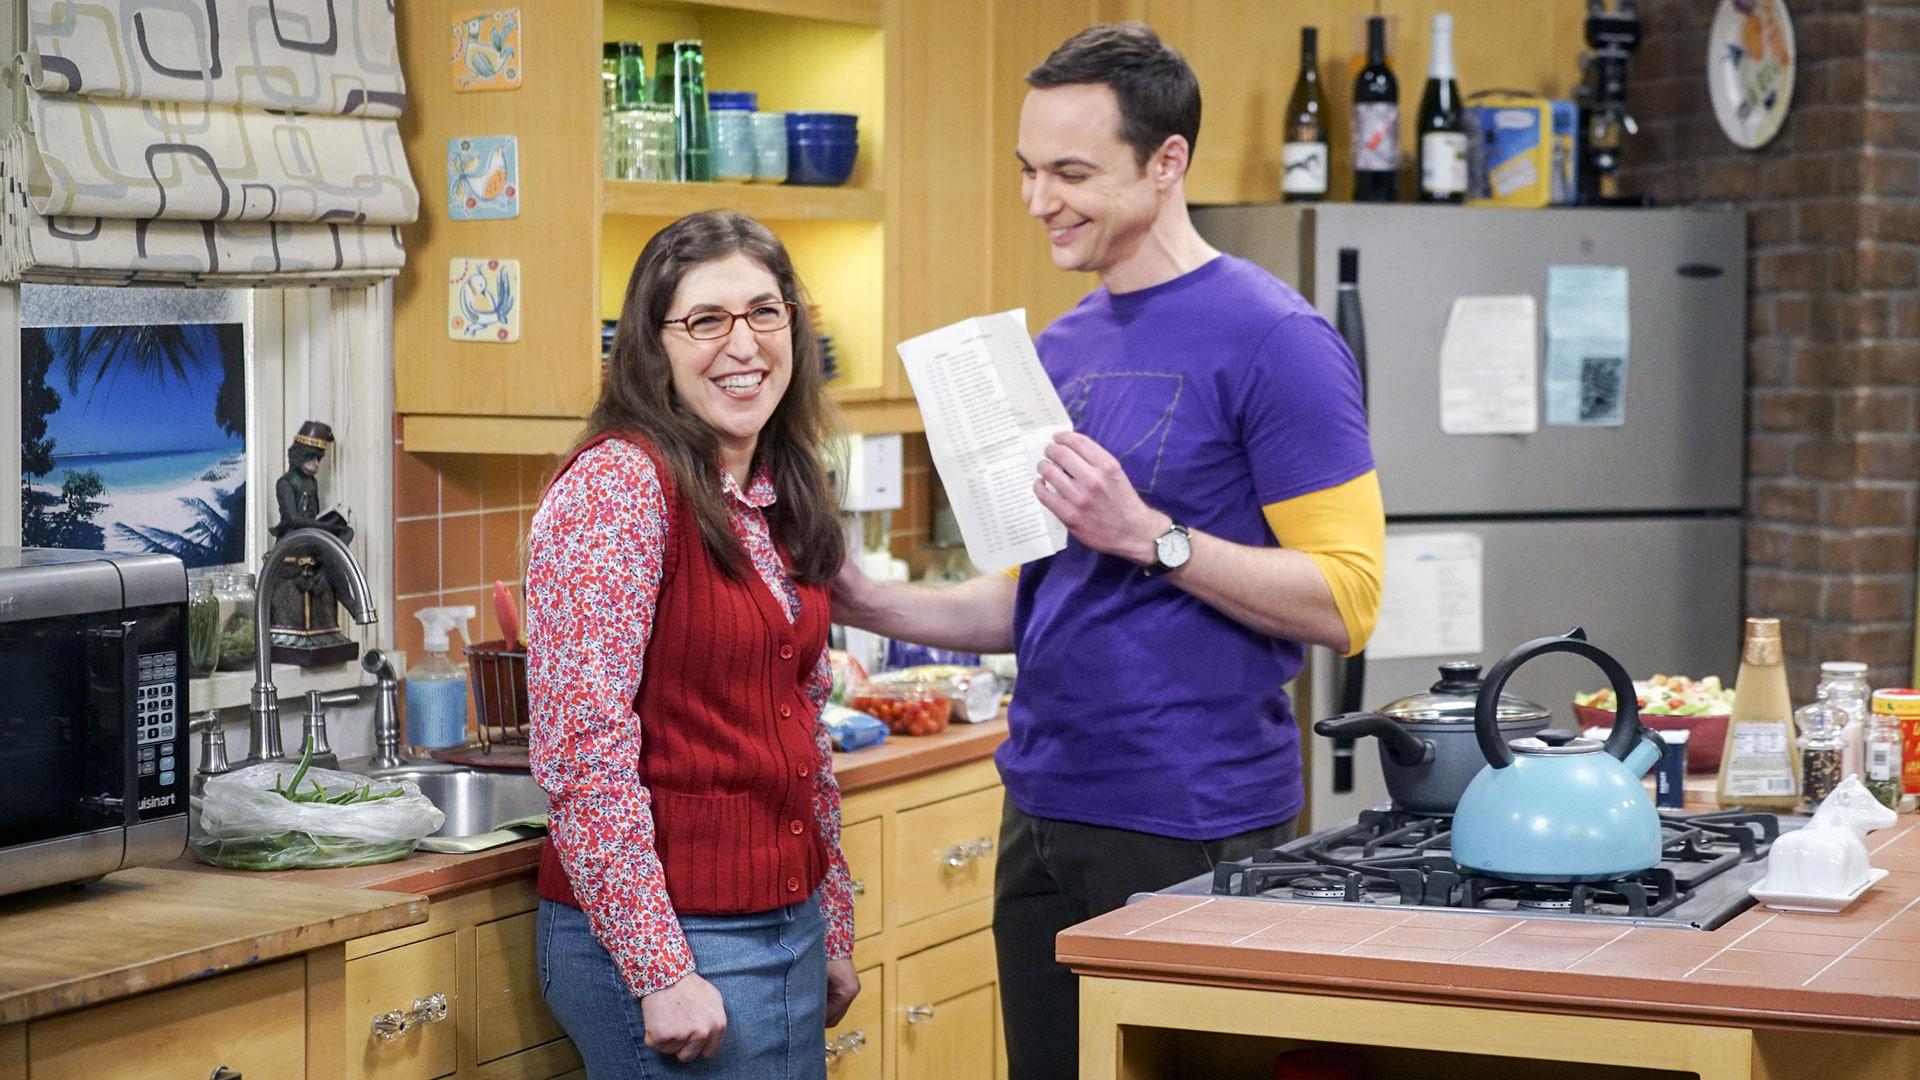 The Big Bang Theory season finale airs on Thursday, May 11 at 8/7c